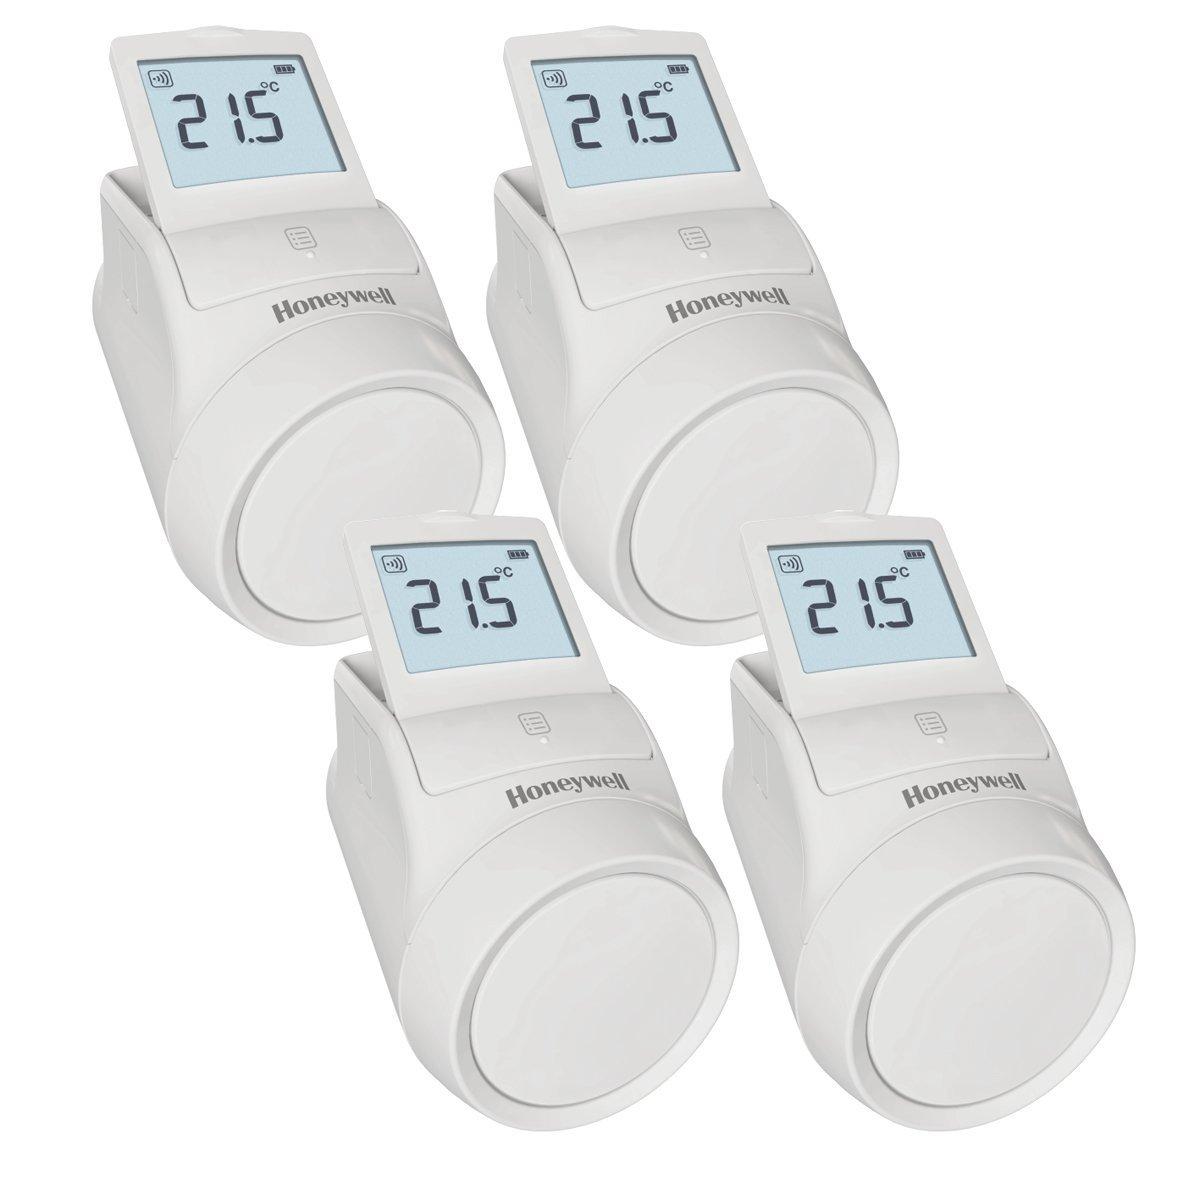 HONEYWELL; Termostato grifo de radiador wifi kid 4 unidades, HR92WE (accesorio): Amazon.es: Bricolaje y herramientas